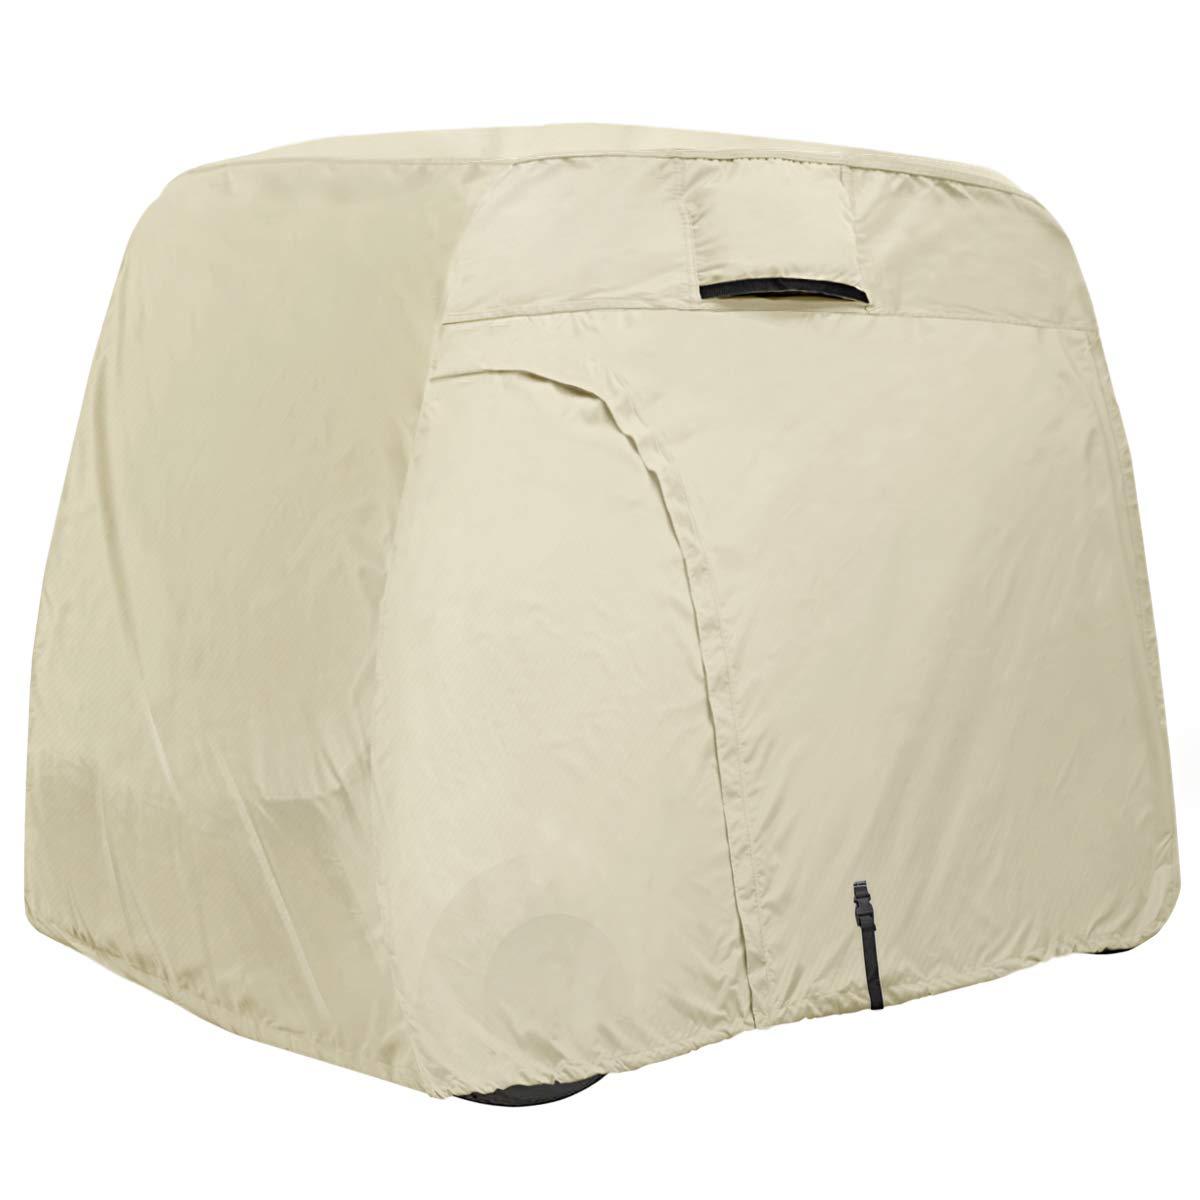 Explore Land 600D Waterproof Golf Cart Cover for 2/4 Passenger Most Brand Golf Cart $38.49